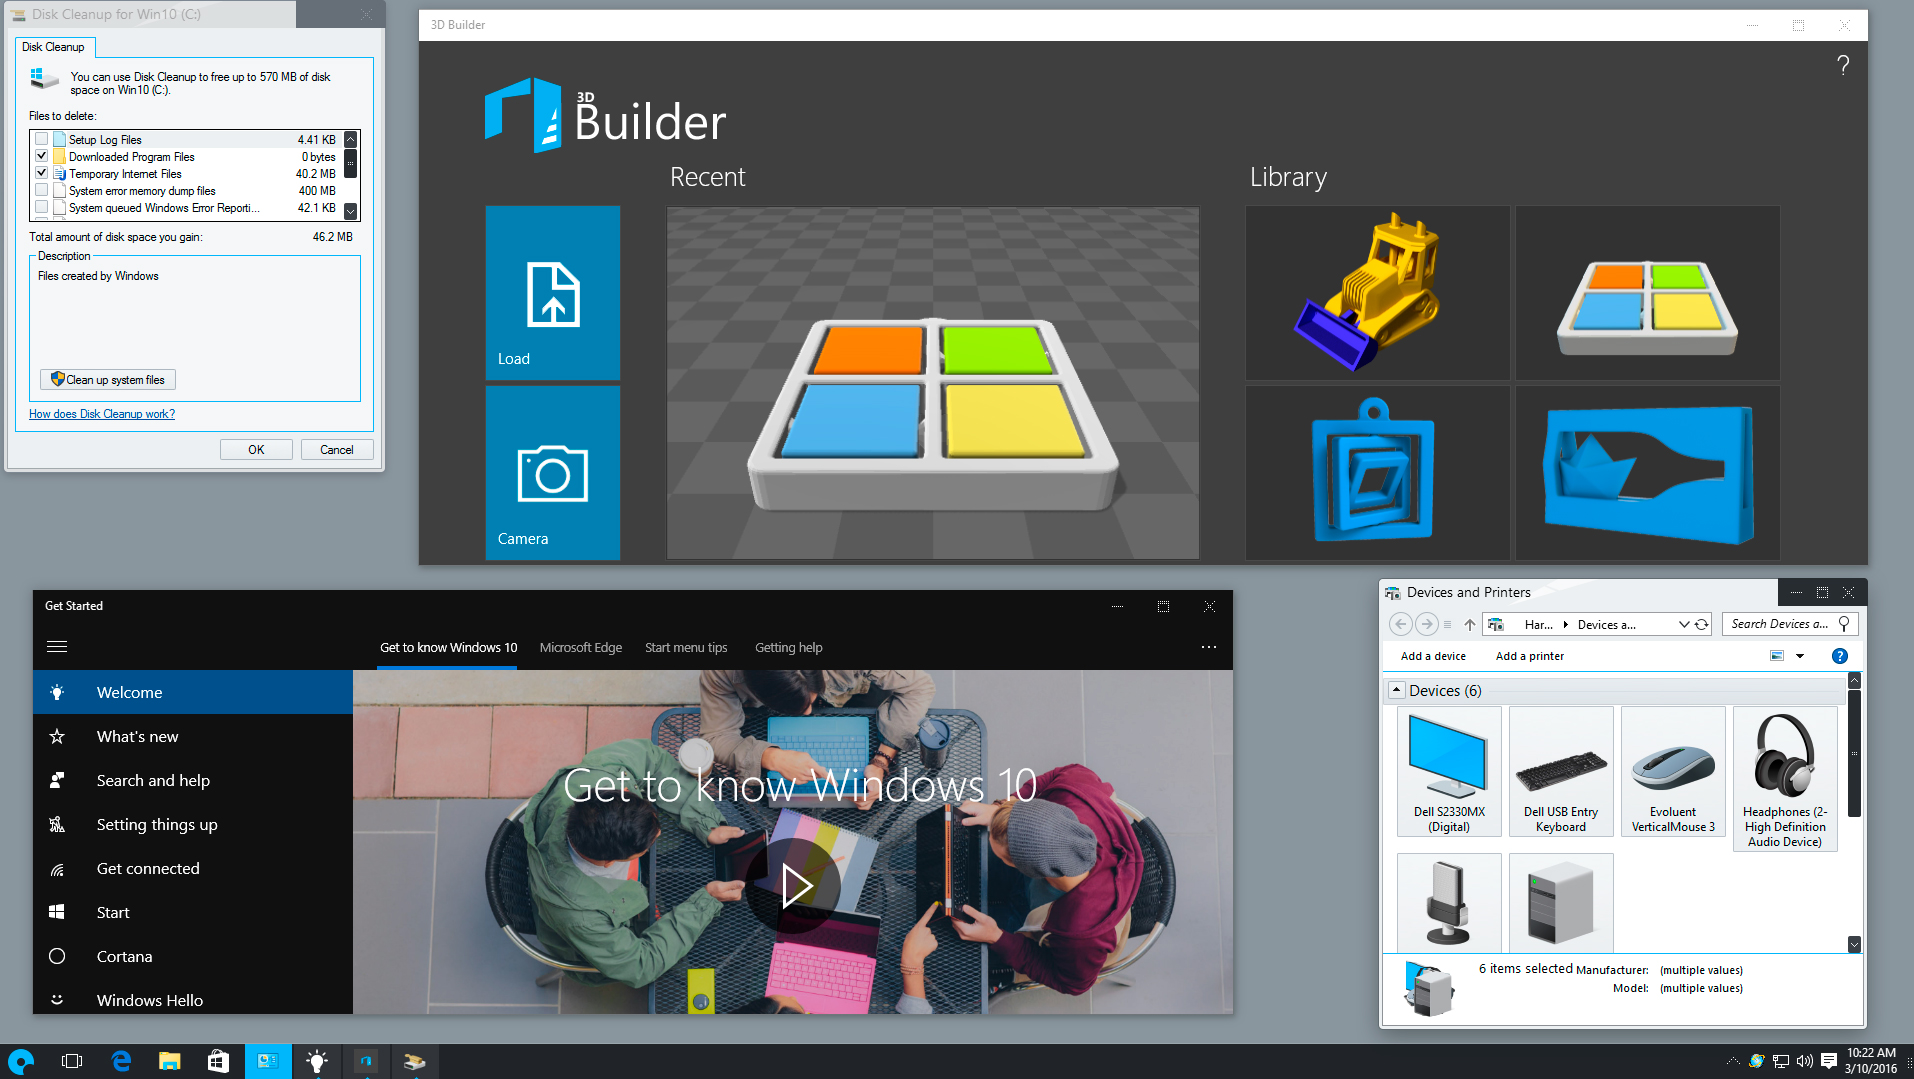 WindowBlinds 10 | Desktop Customization | FileEagle.com